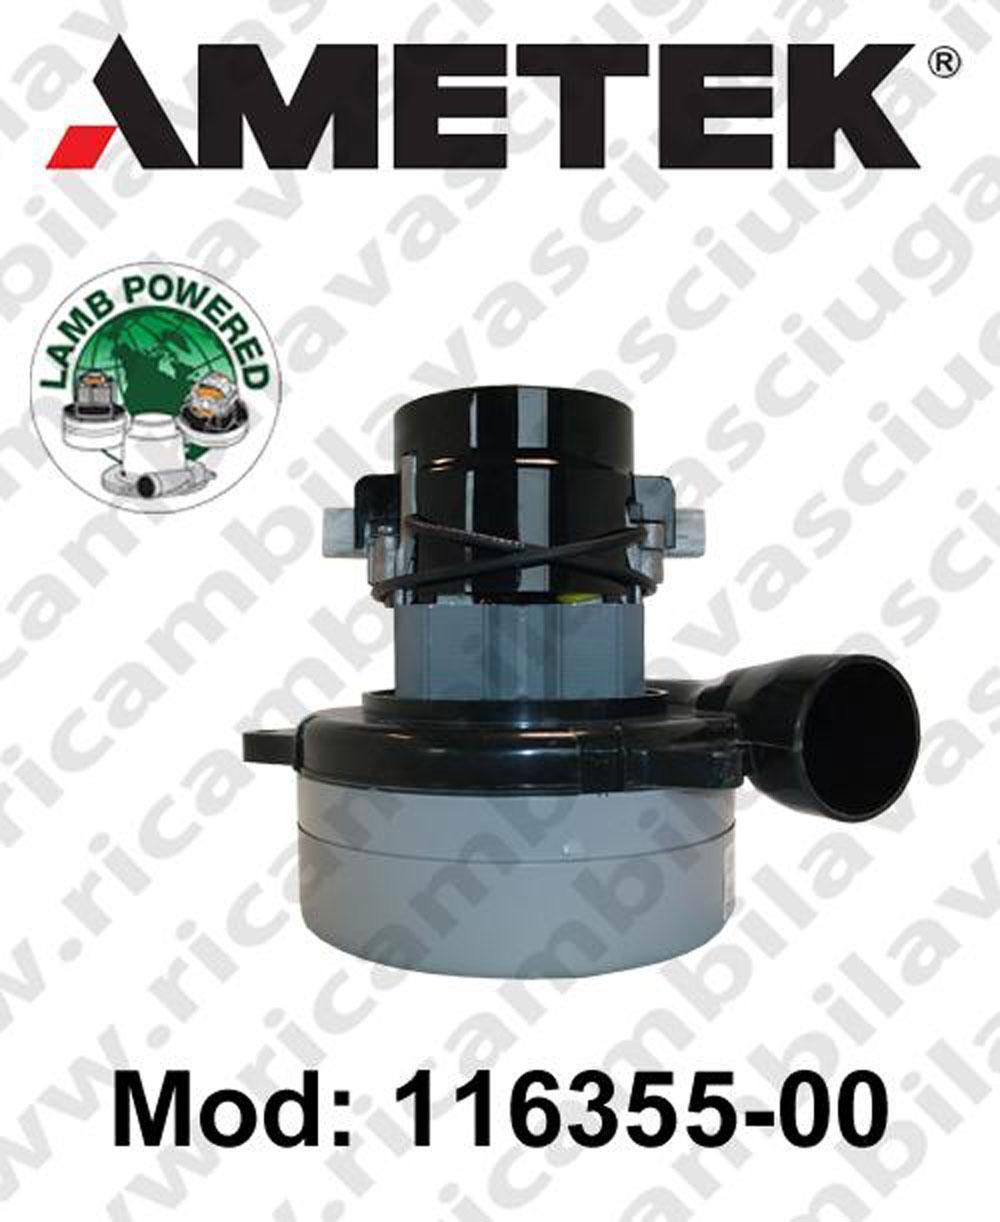 Motore de aspiración 116355-00 LAMB AMETEK para fregadora y aspiradora. válido para SOSTITUIRE  IL 117275-07